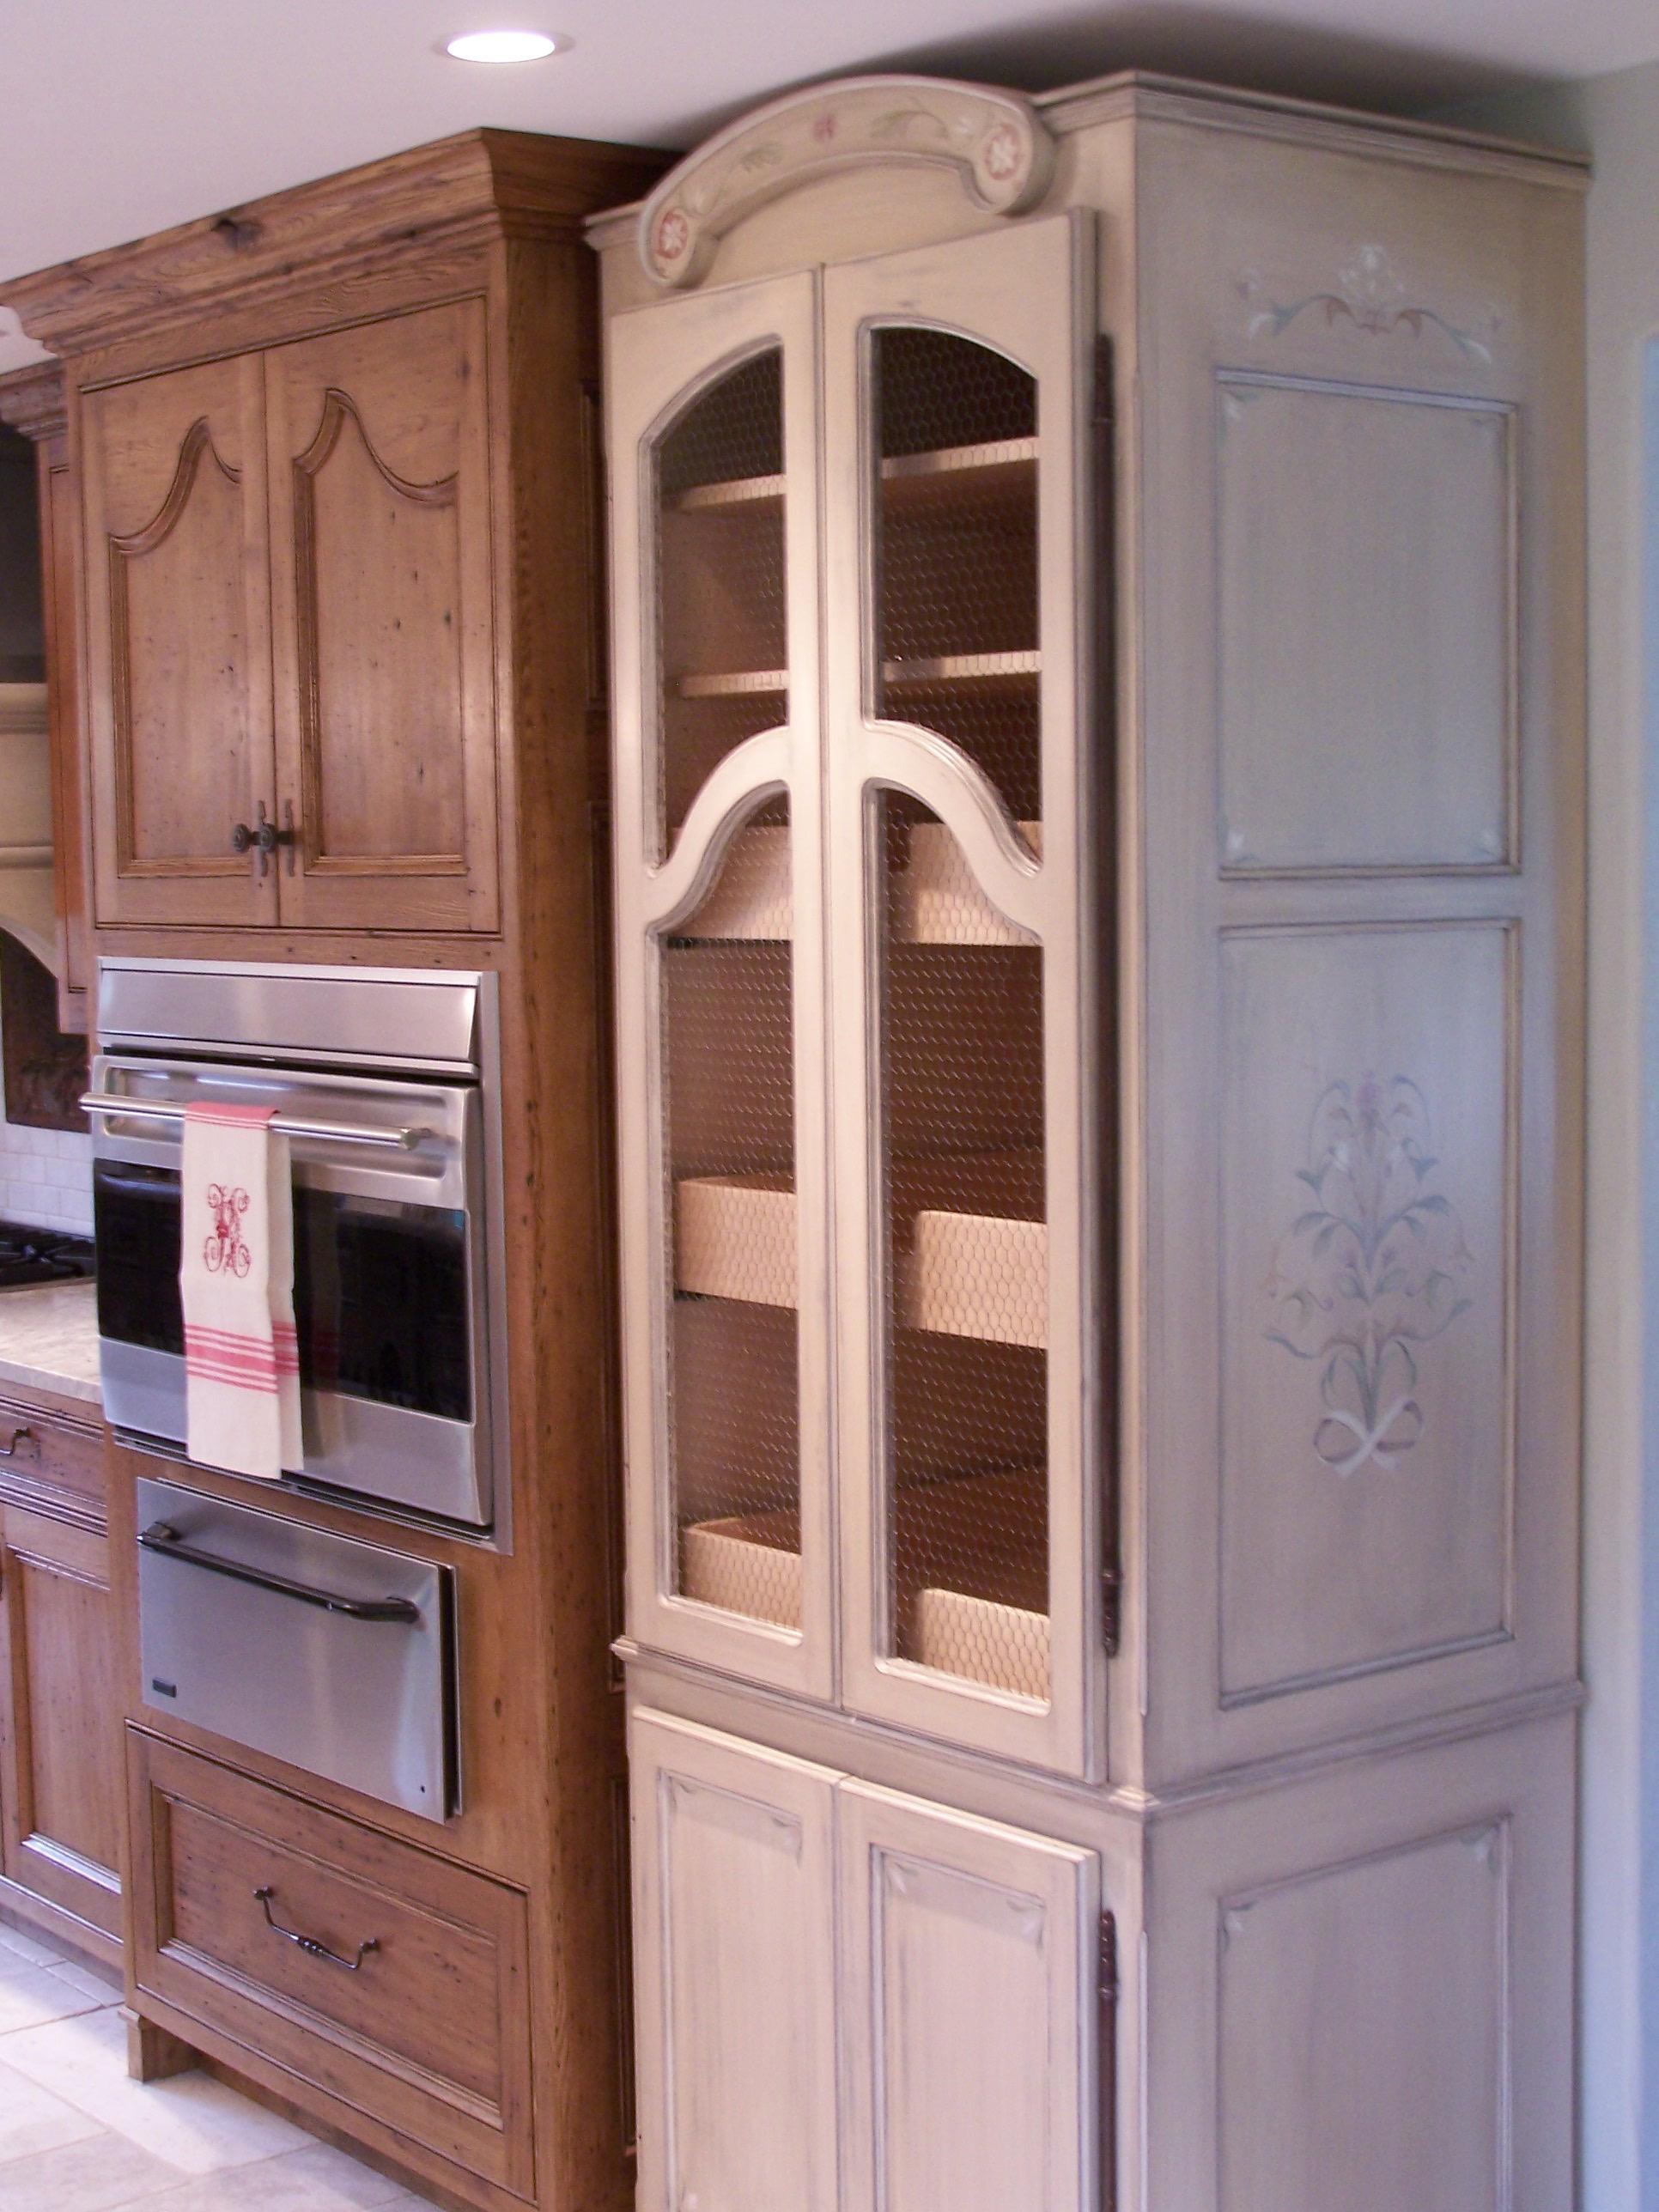 French kitchen, Hamilton - detail5